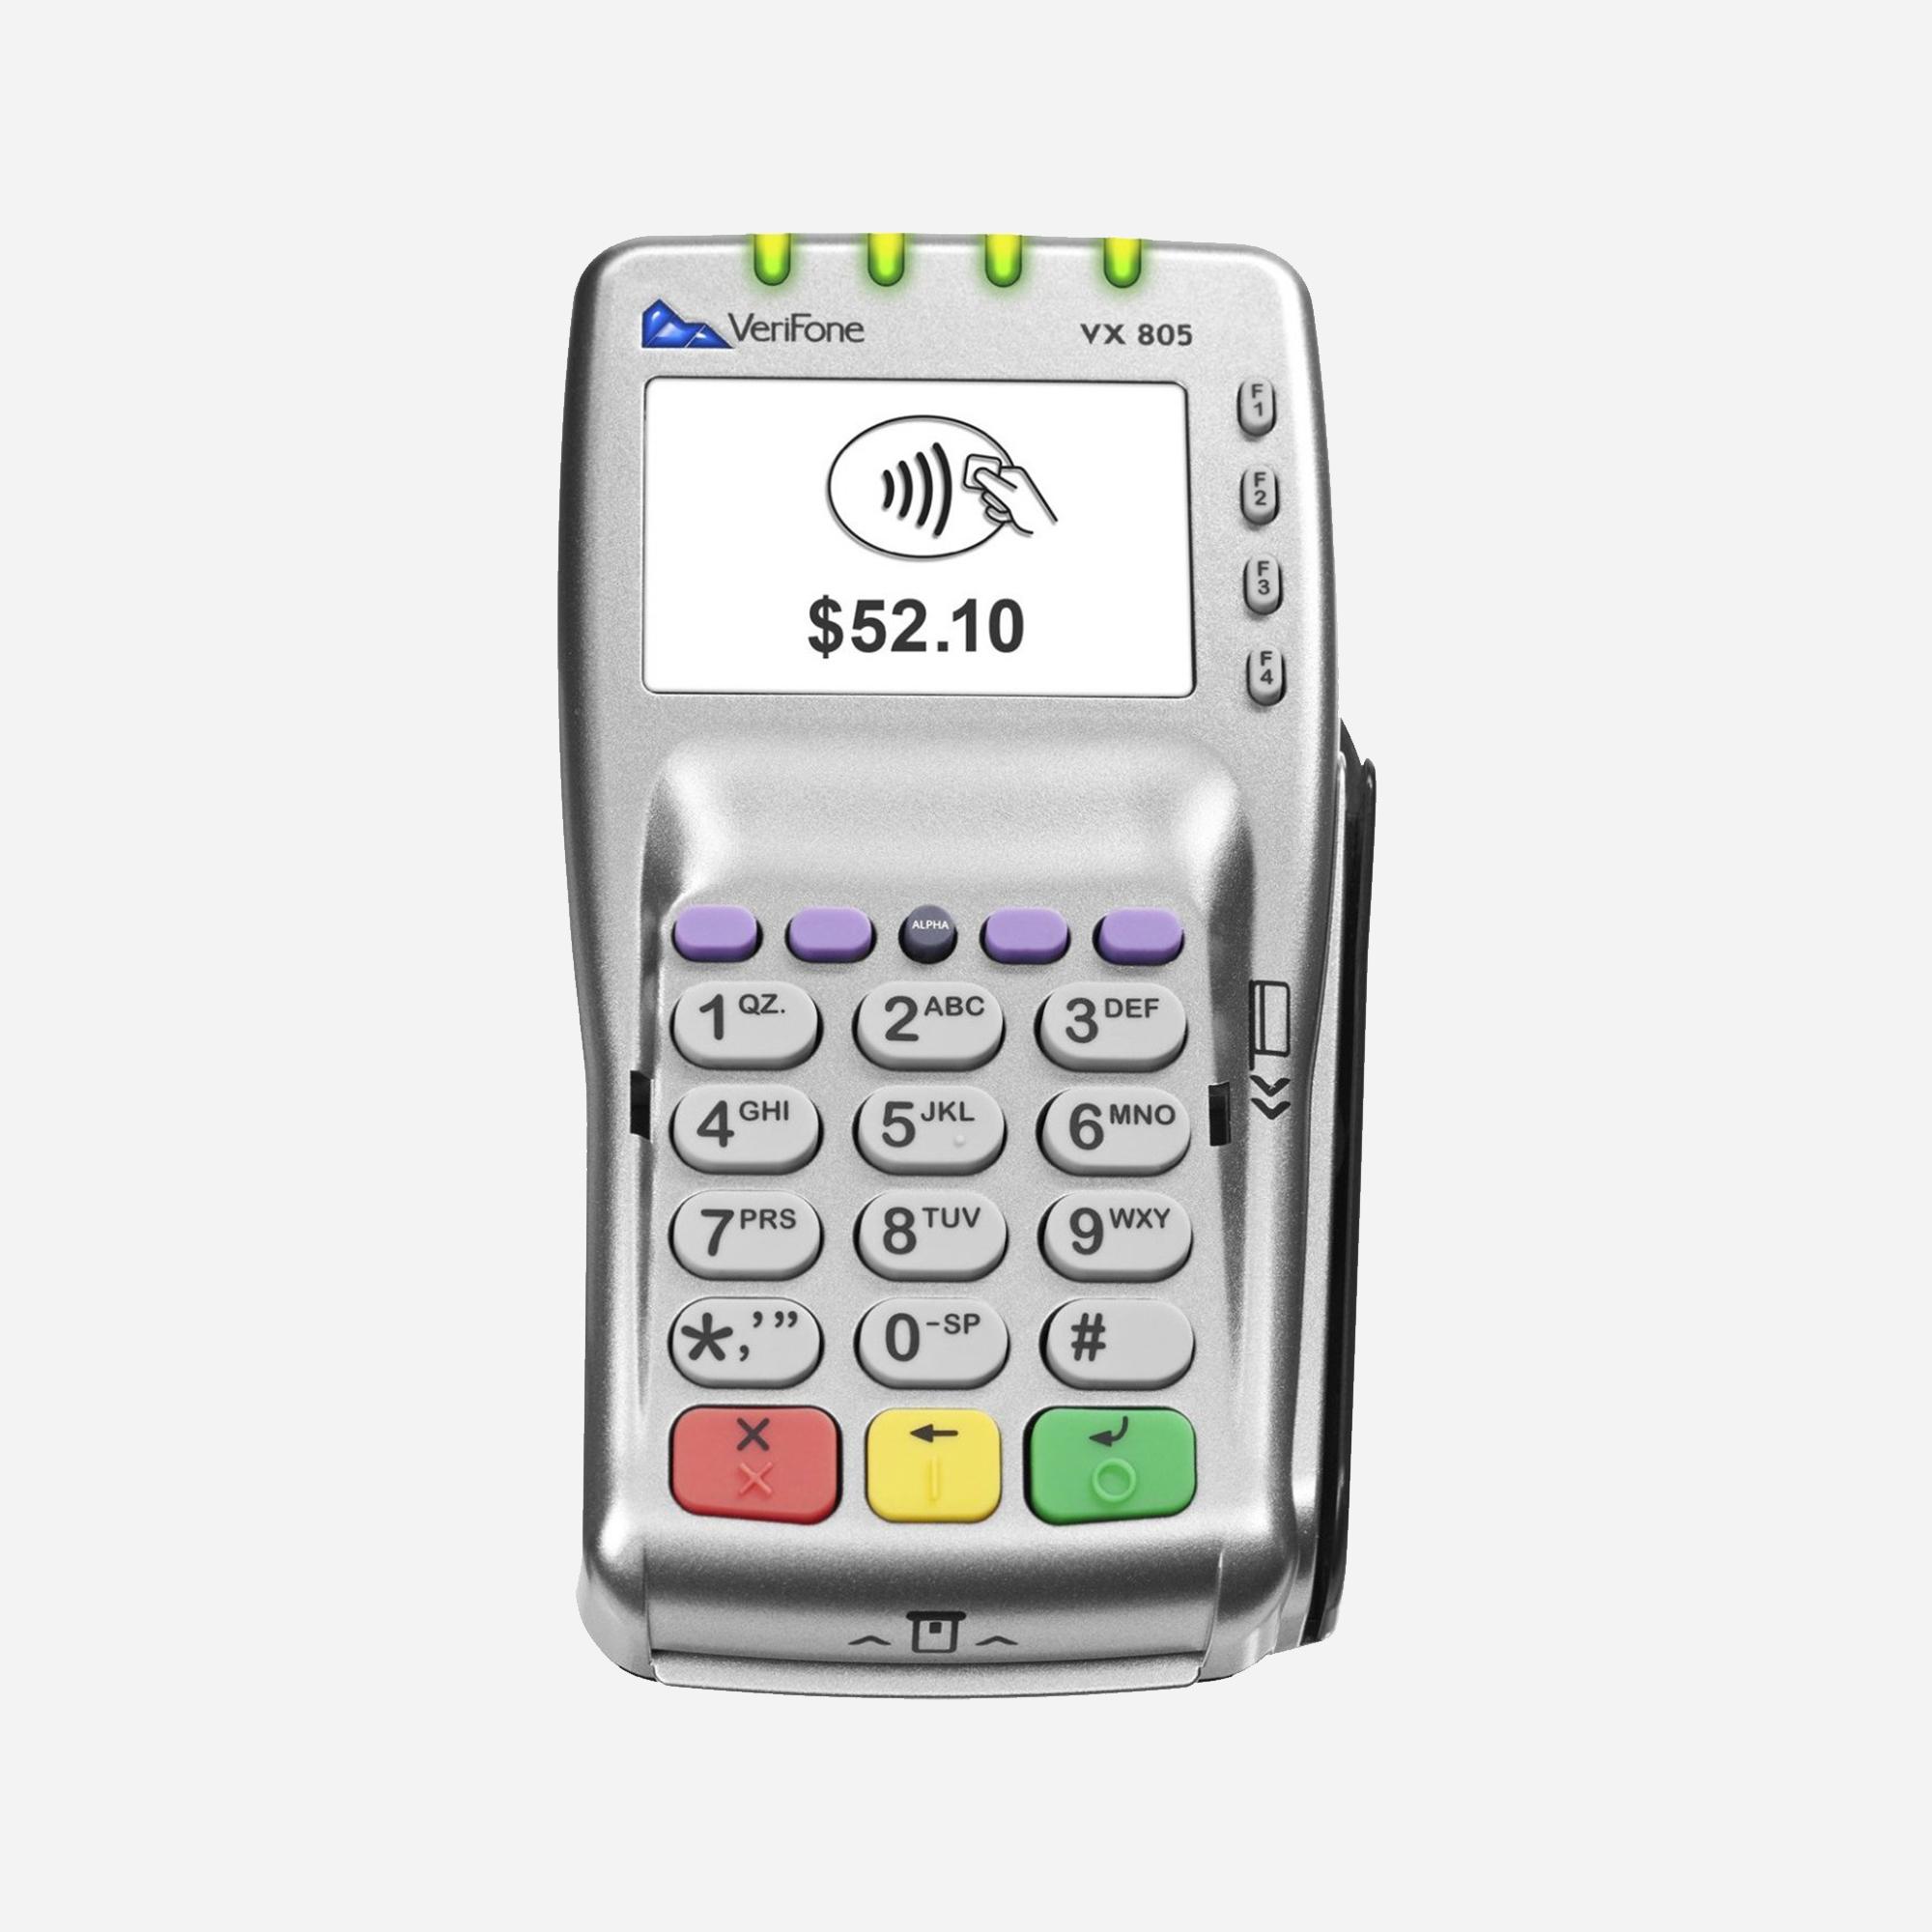 VX805 信用卡密码机